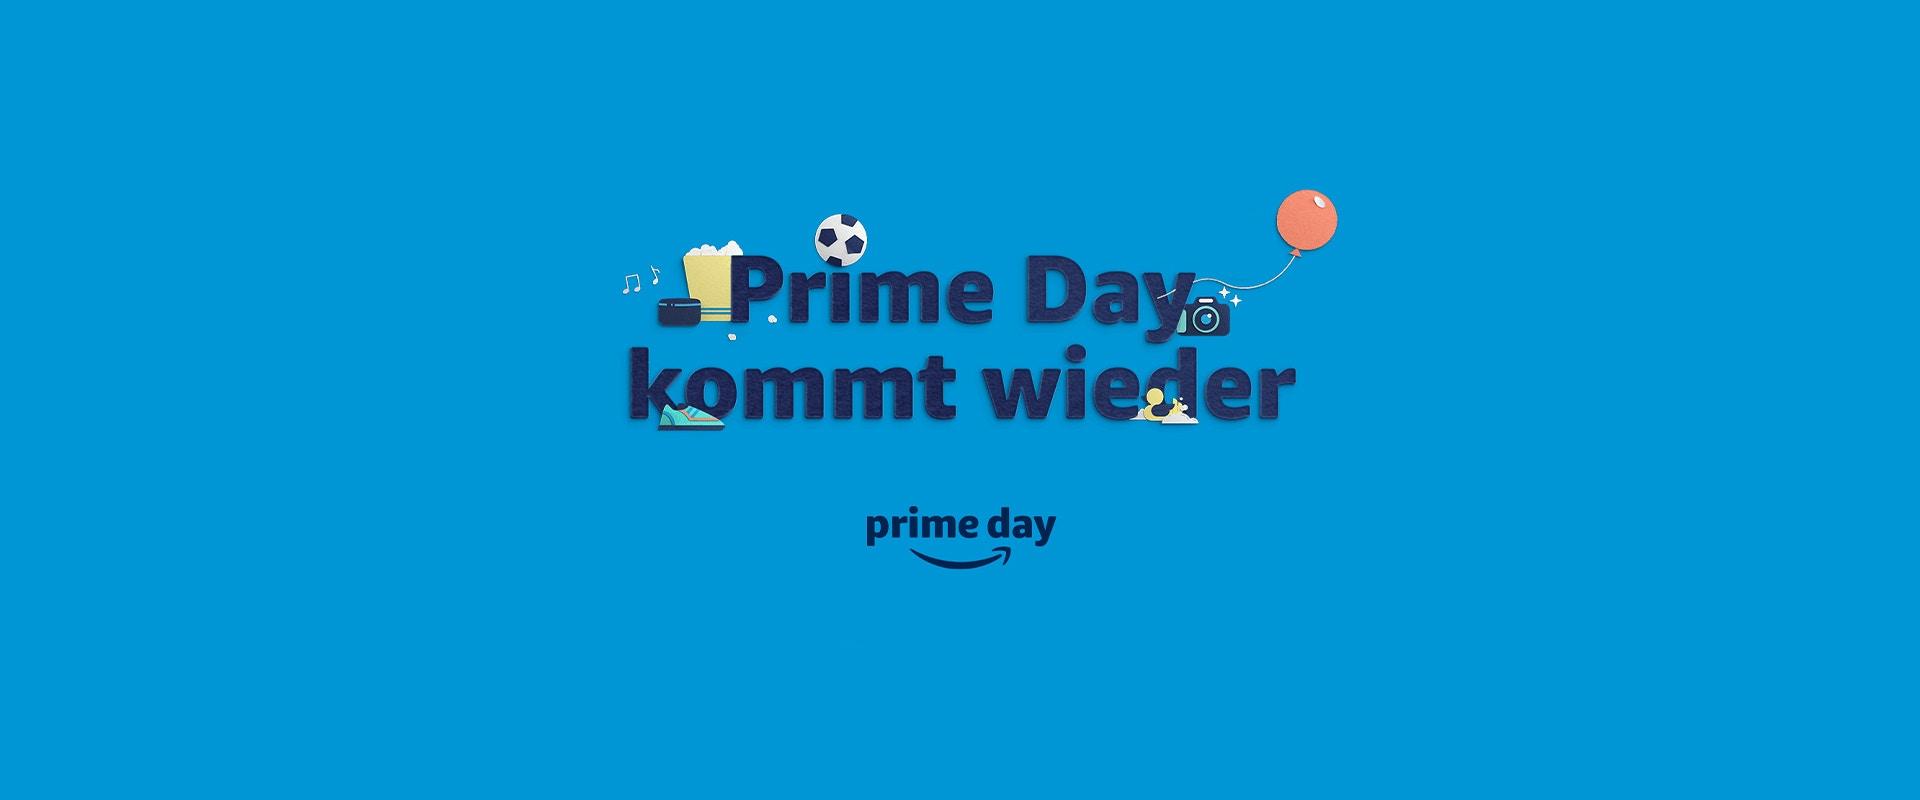 Amazon Prime Schriftzug auf blauem Hintergrund.